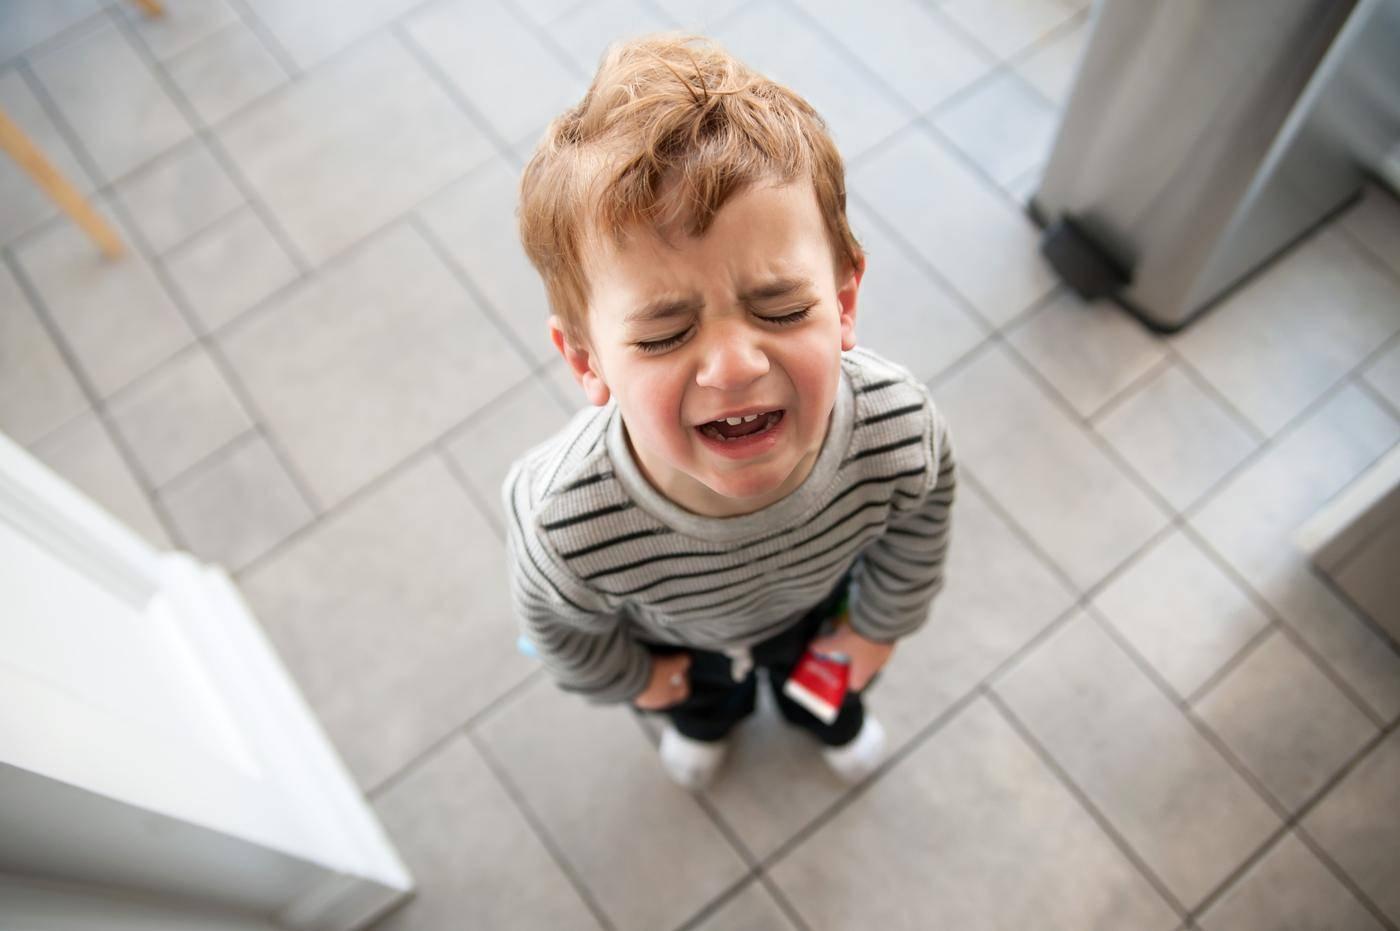 Ломать - не строить? психология и воспитание от 1 до 3 лет